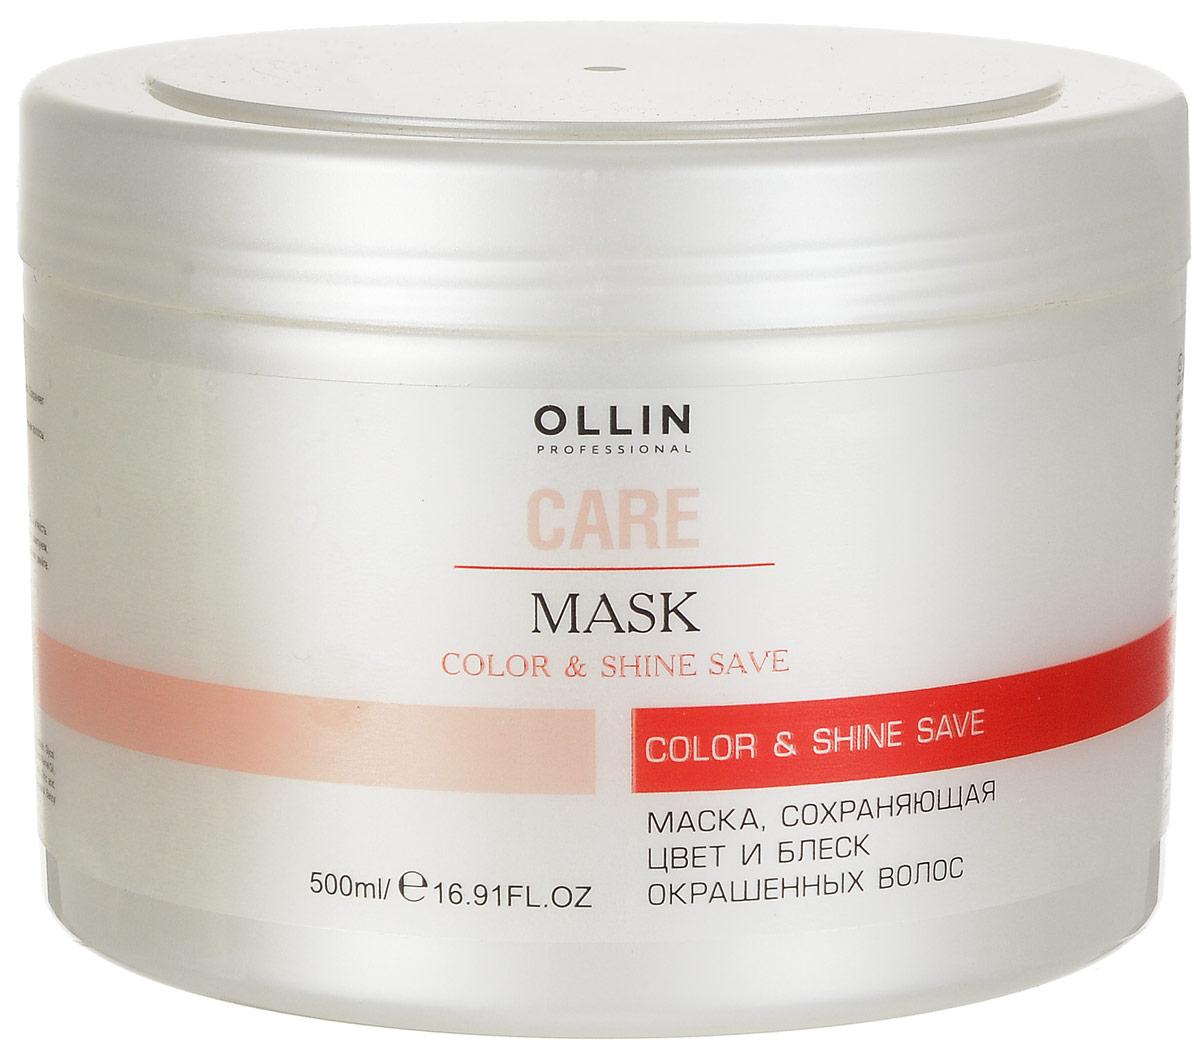 Ollin Маска, сохраняющая цвет и блеск окрашенных волос Care Color and Shine Save Mask 500 мл